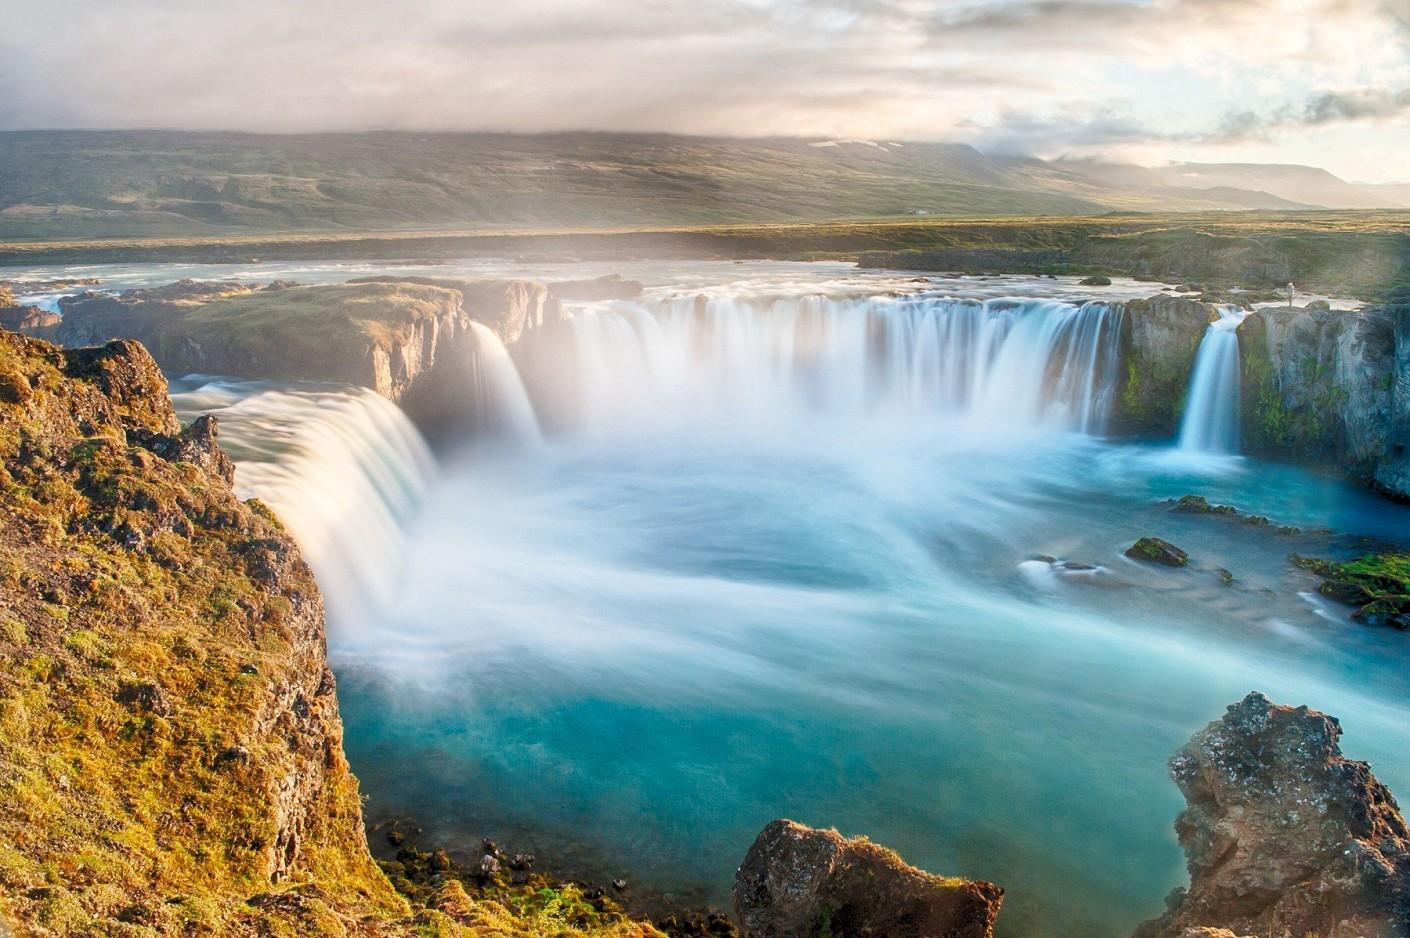 Ką verta žinoti prieš vykstant į Islandiją?